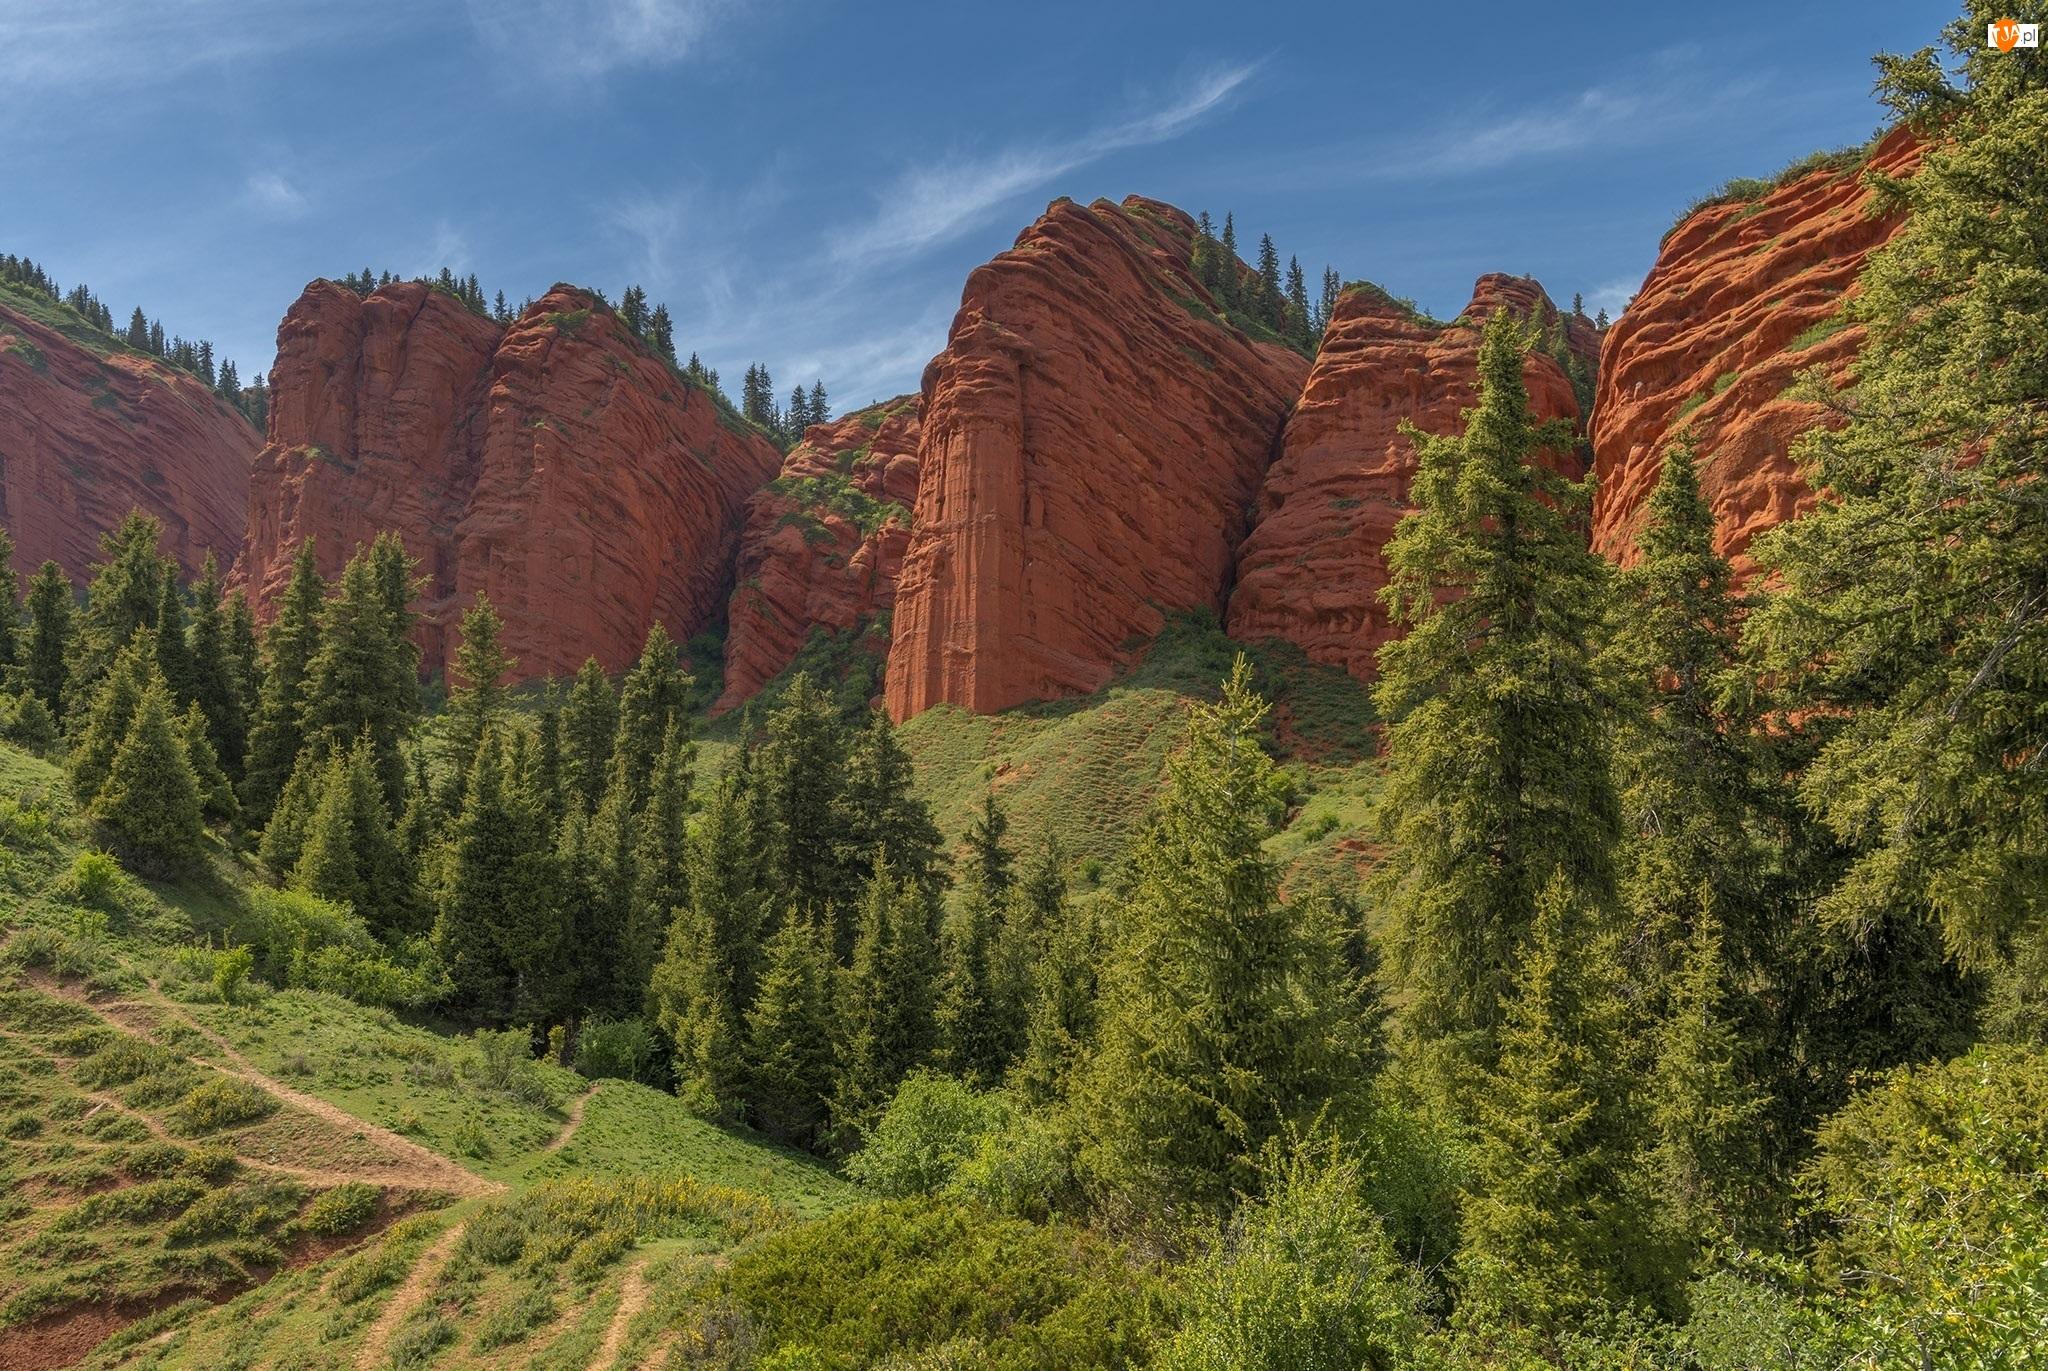 Skały, Kanion Konorchek Canyons, Drzewa, Kirgistan, Góry, Ścieżki